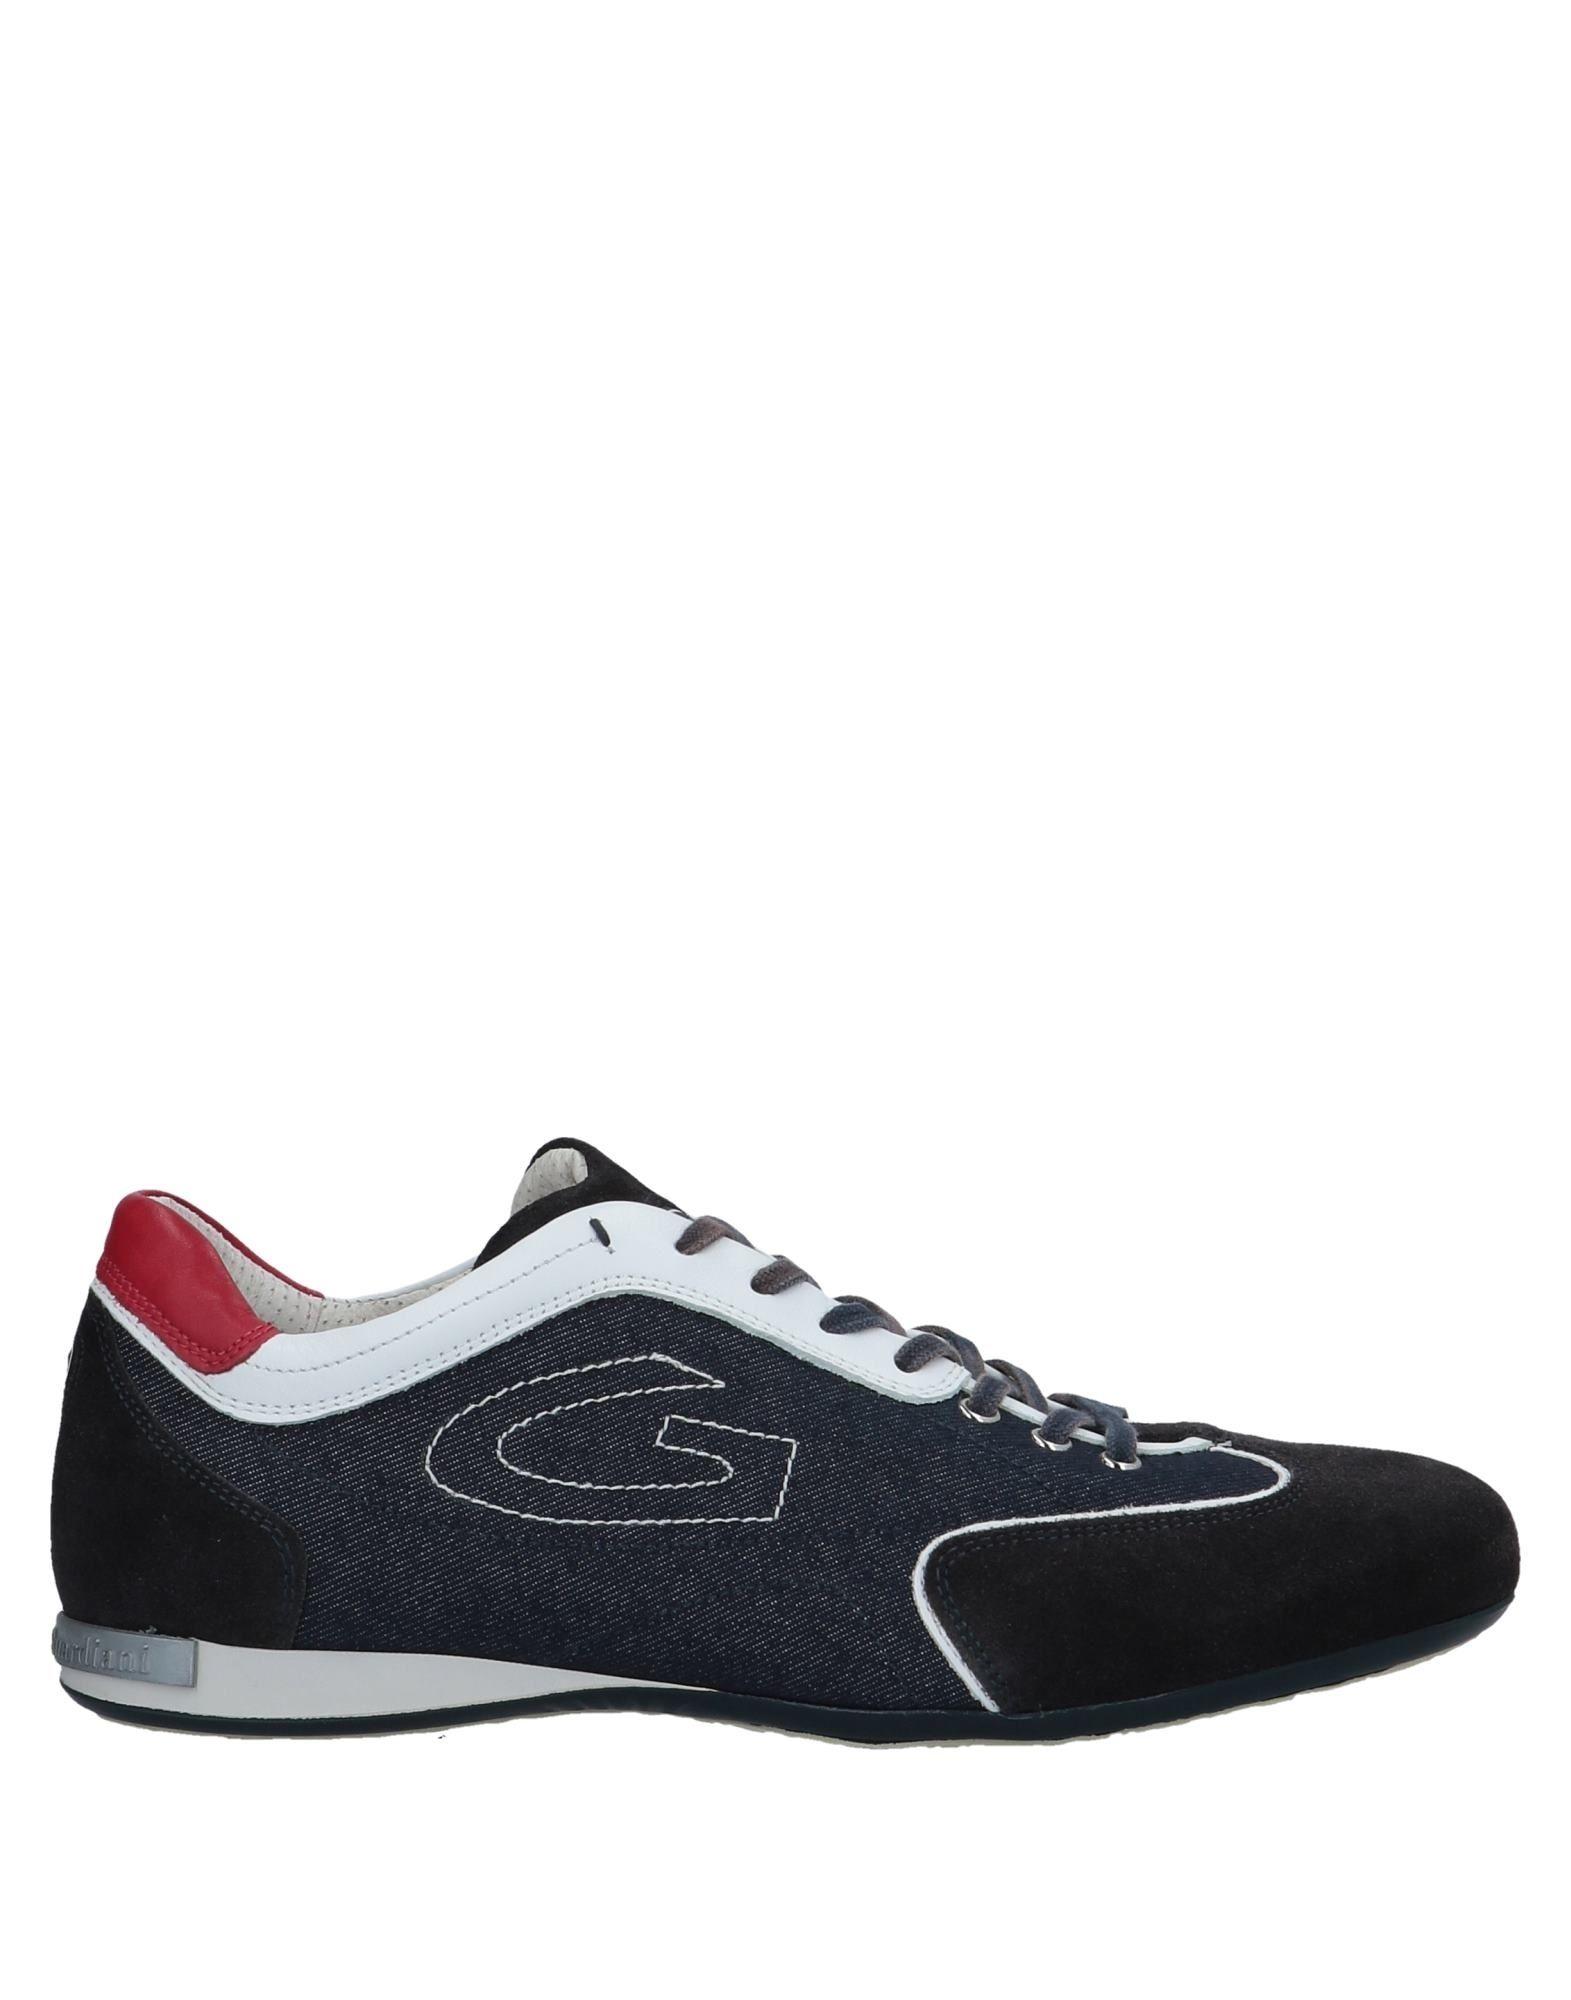 Alberto Guardiani Sneakers Herren  11509401RD